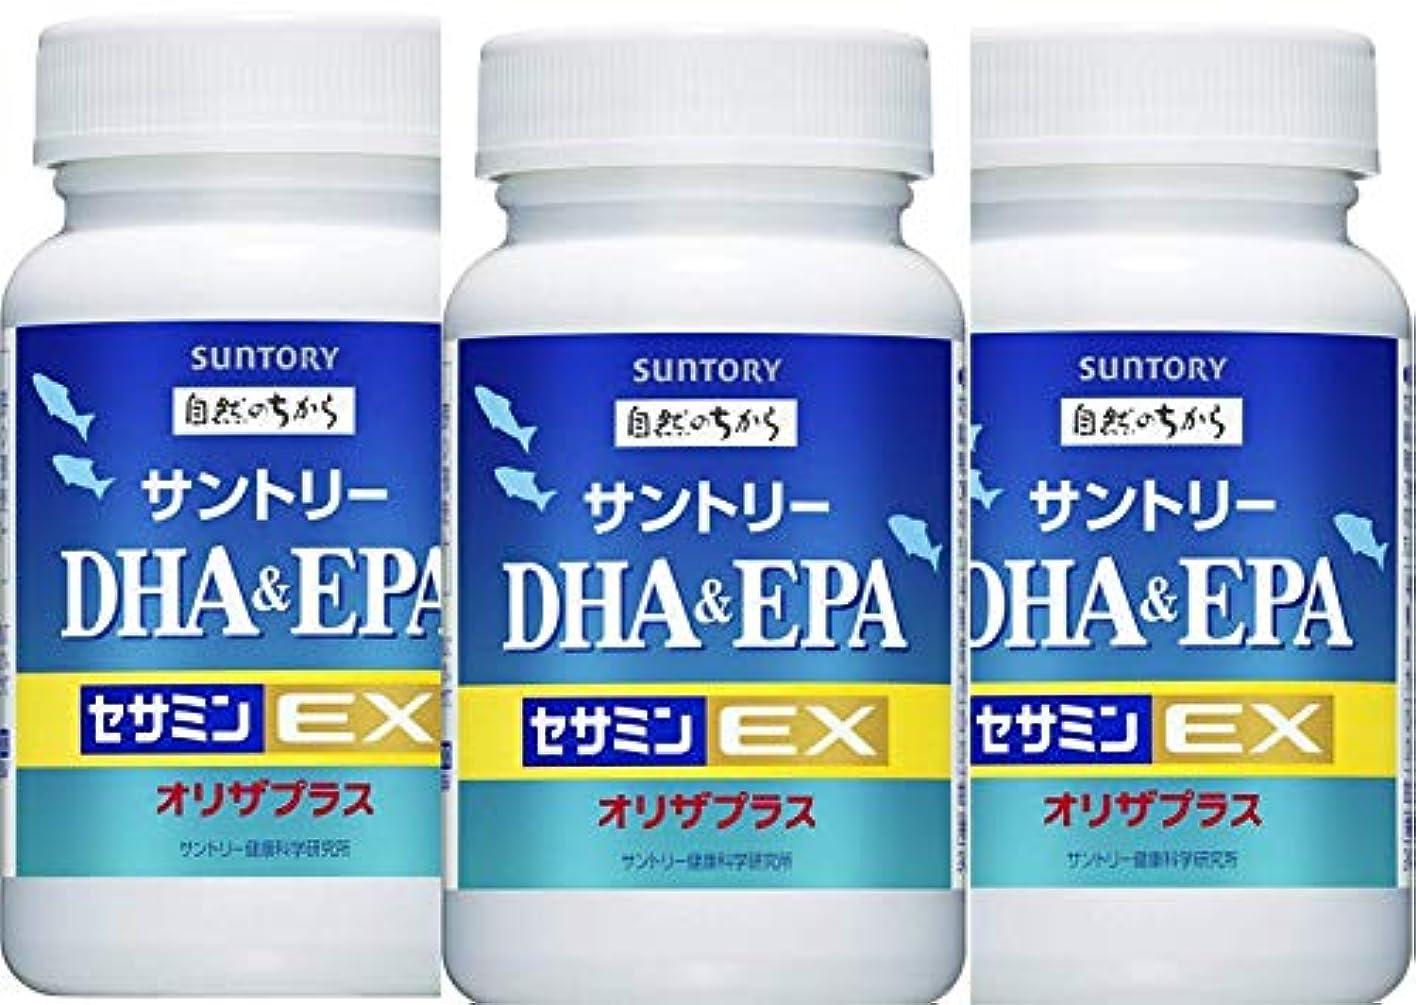 観察ネスト承認サントリー DHA&EPA+セサミンEX 120粒 3本セット